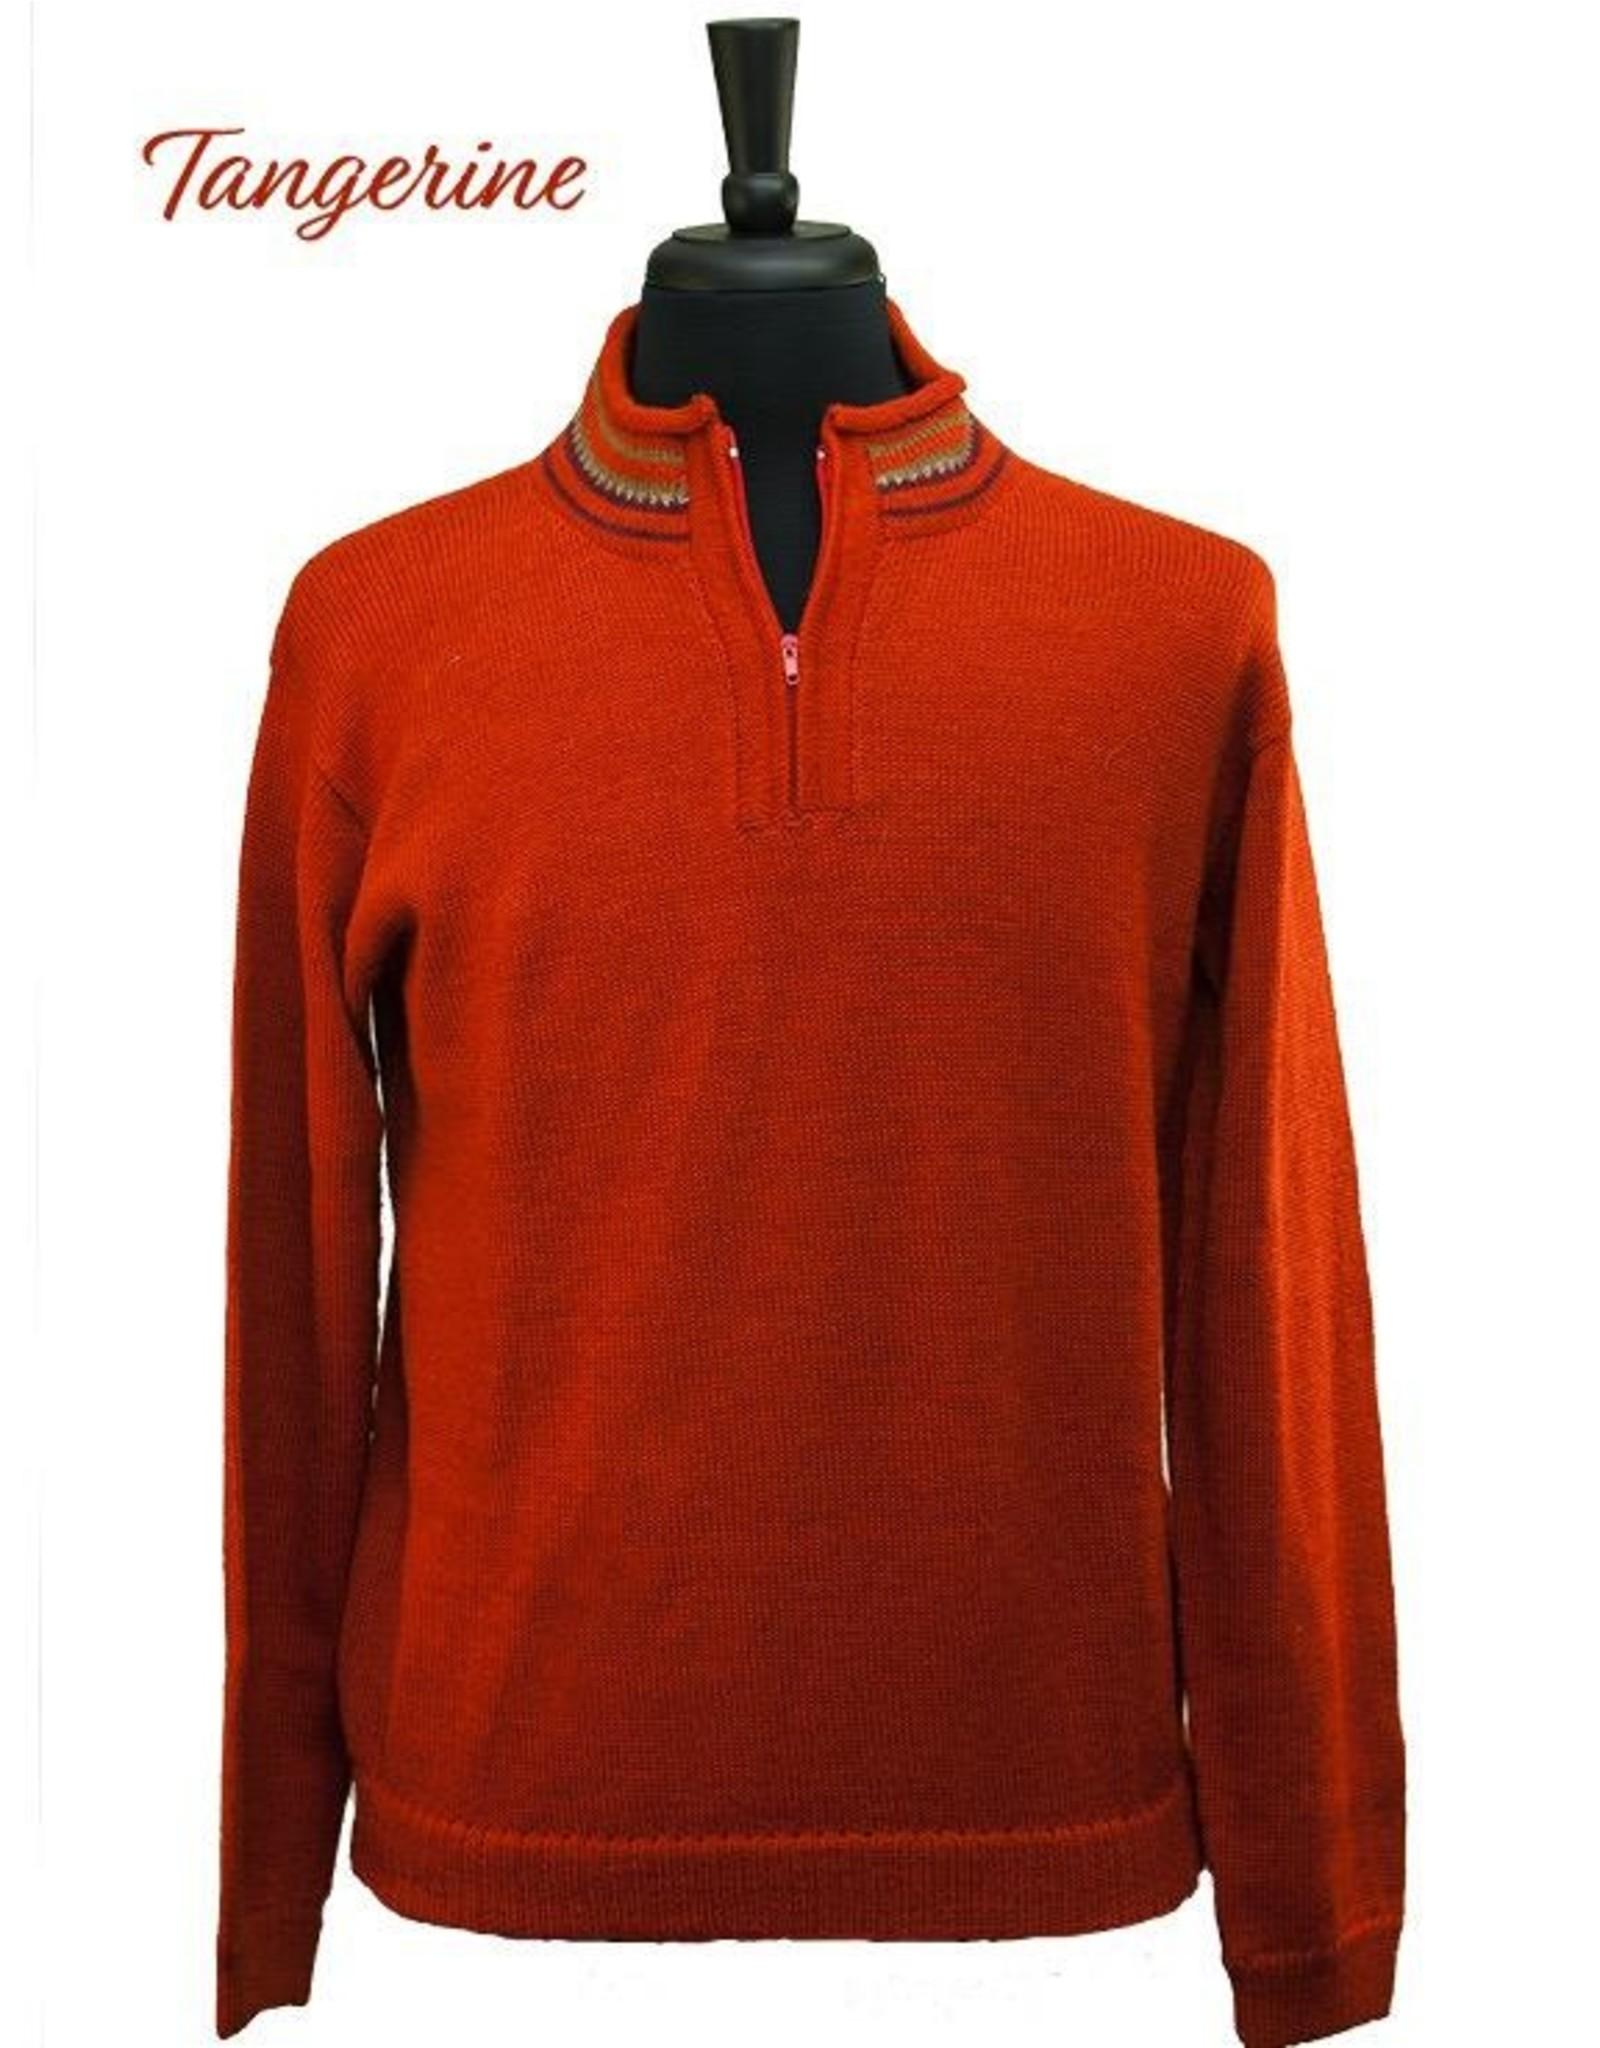 The Sweater Venture Alpaca Quarter Zip w/ Fleece Collar